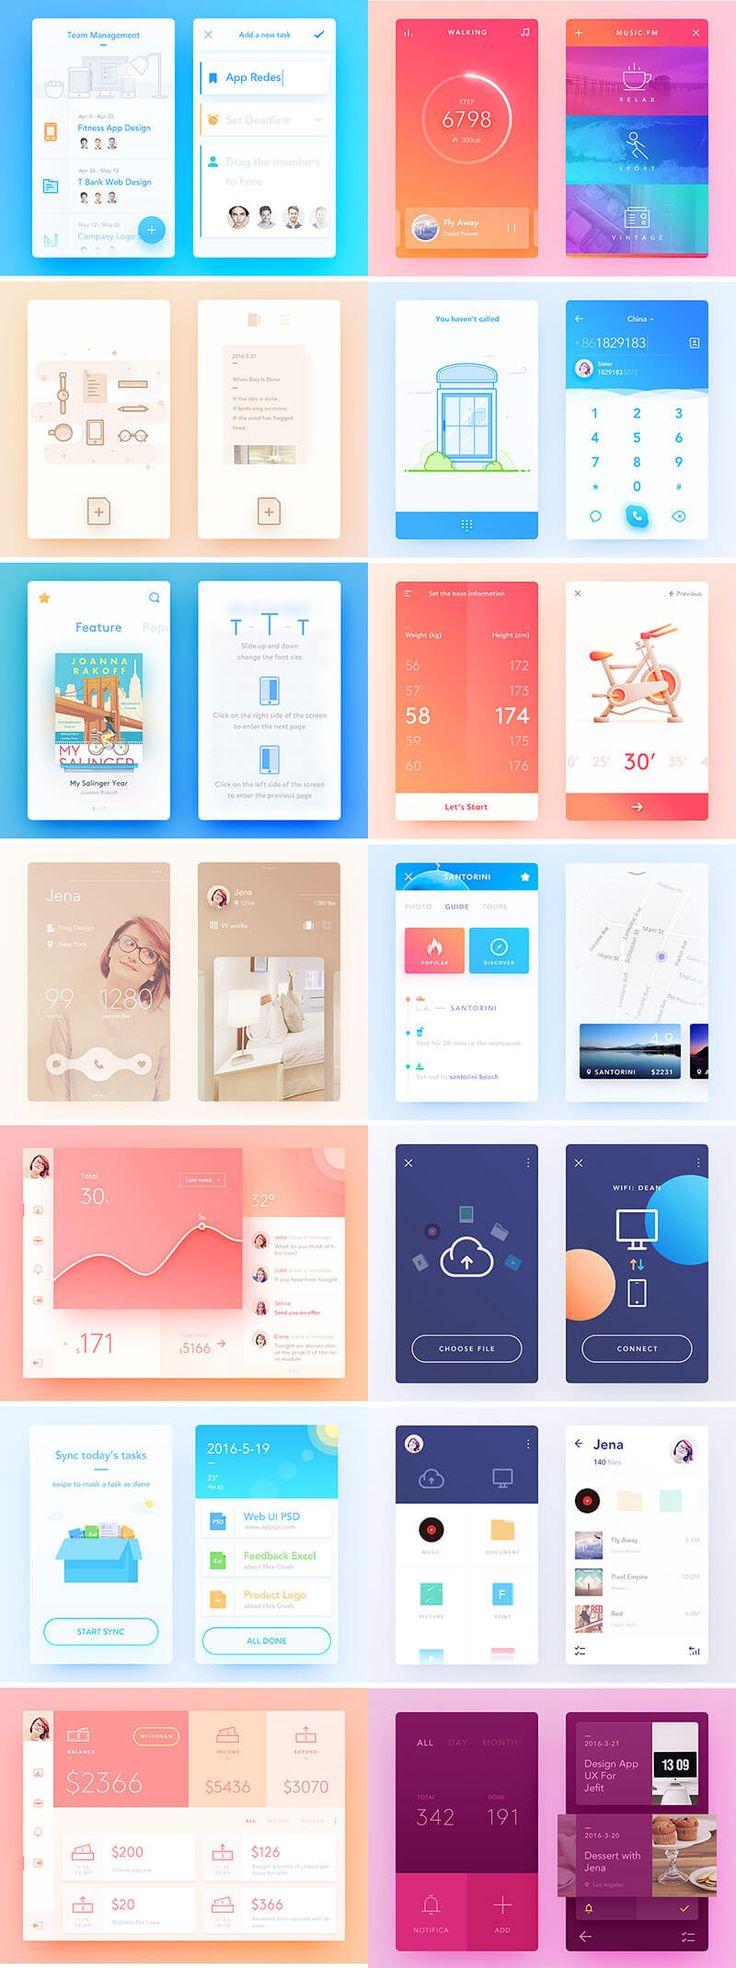 ウェブサイトやアプリのデザイン制作は、時間のかかる作業のひとつです。今回は、作業ペースを格段にアップする、ブックマークしておきたいUIデザイン素材をまとめてご紹介します。